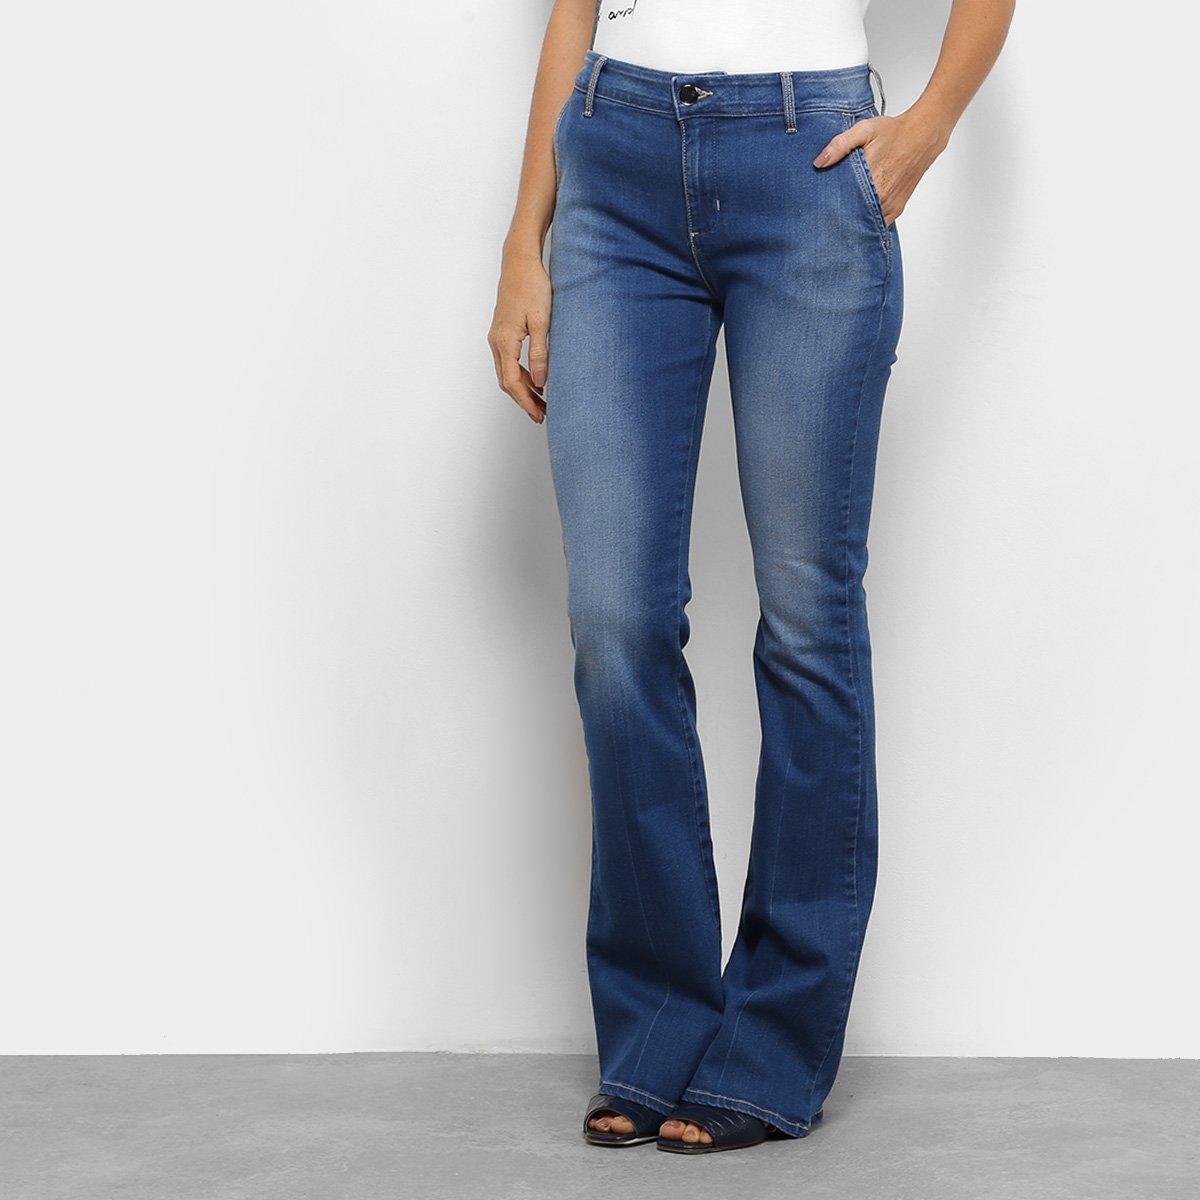 b7c796f05 Calça Jeans Flare Forum Estonada Cintura Média Feminina - Compre Agora